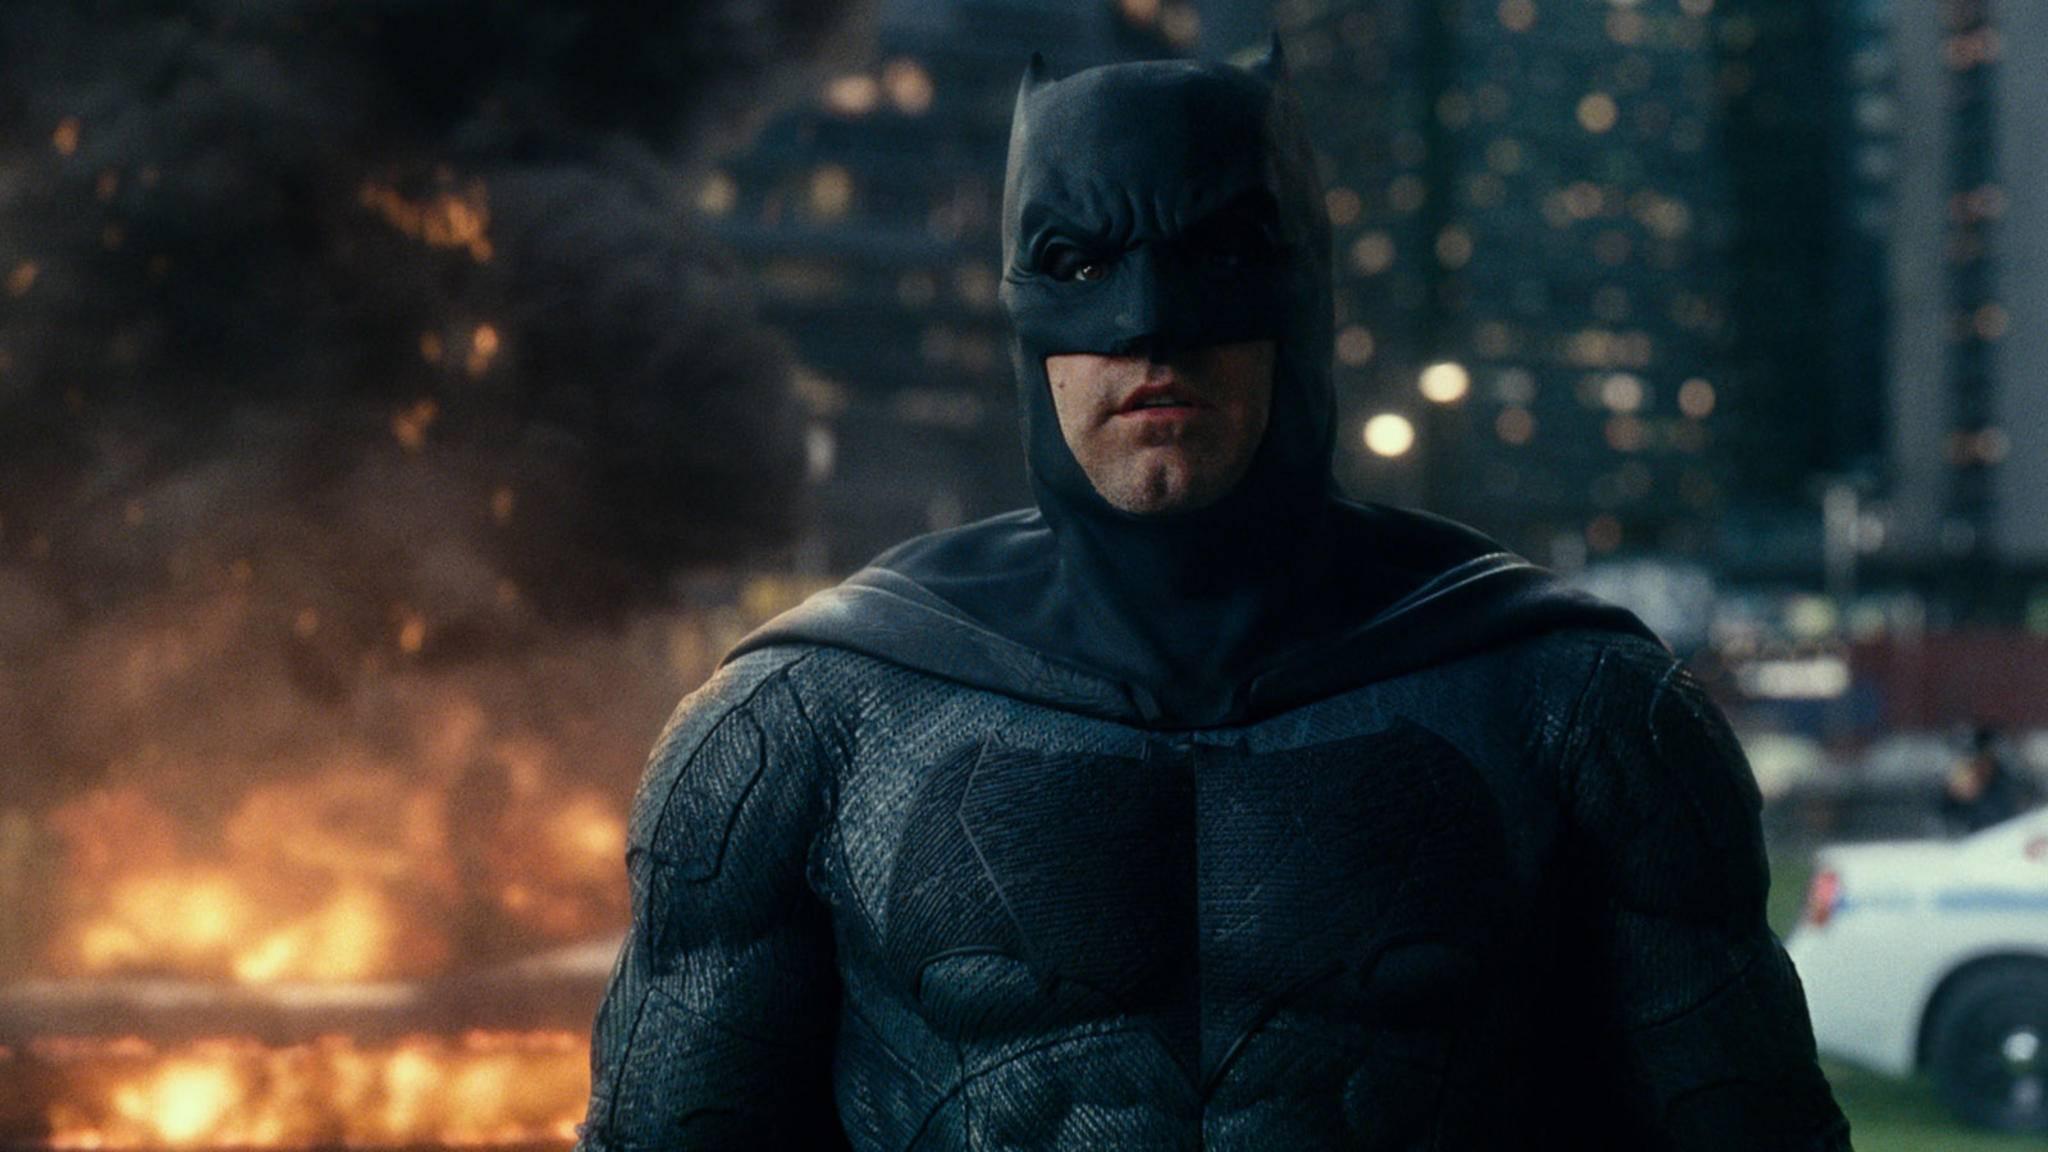 Batfleck is back!